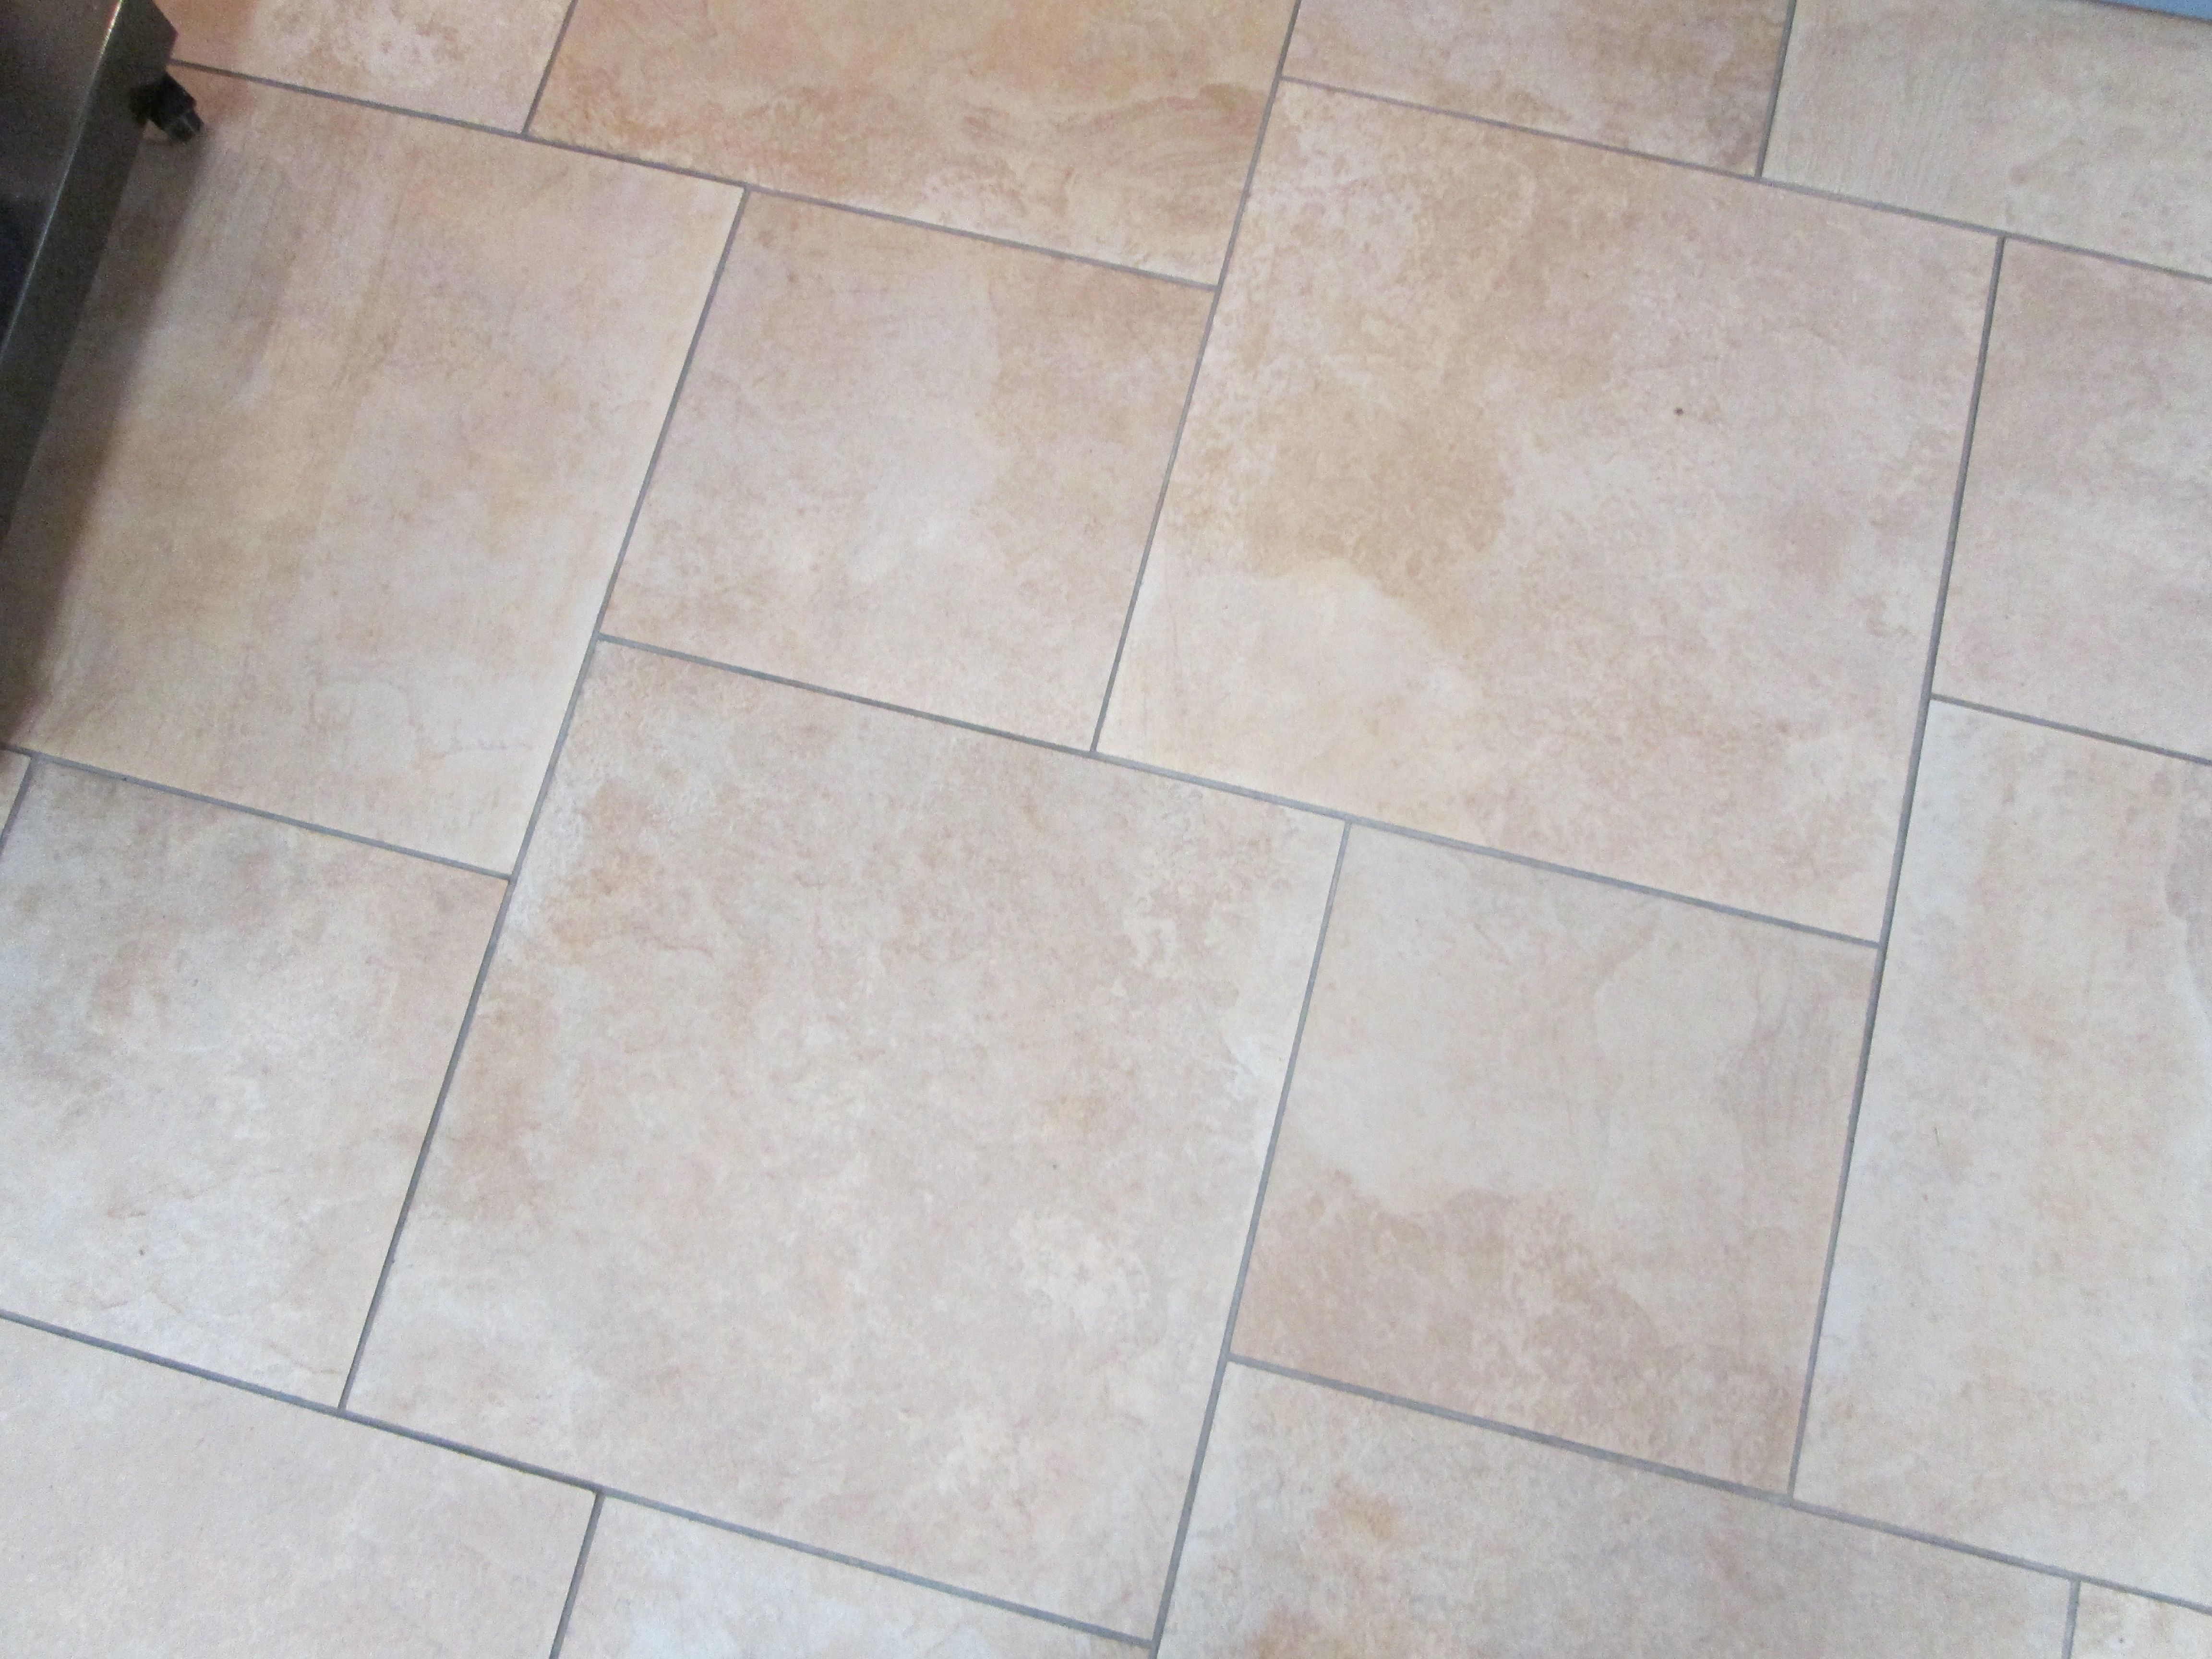 Interlocking ceramic tiles